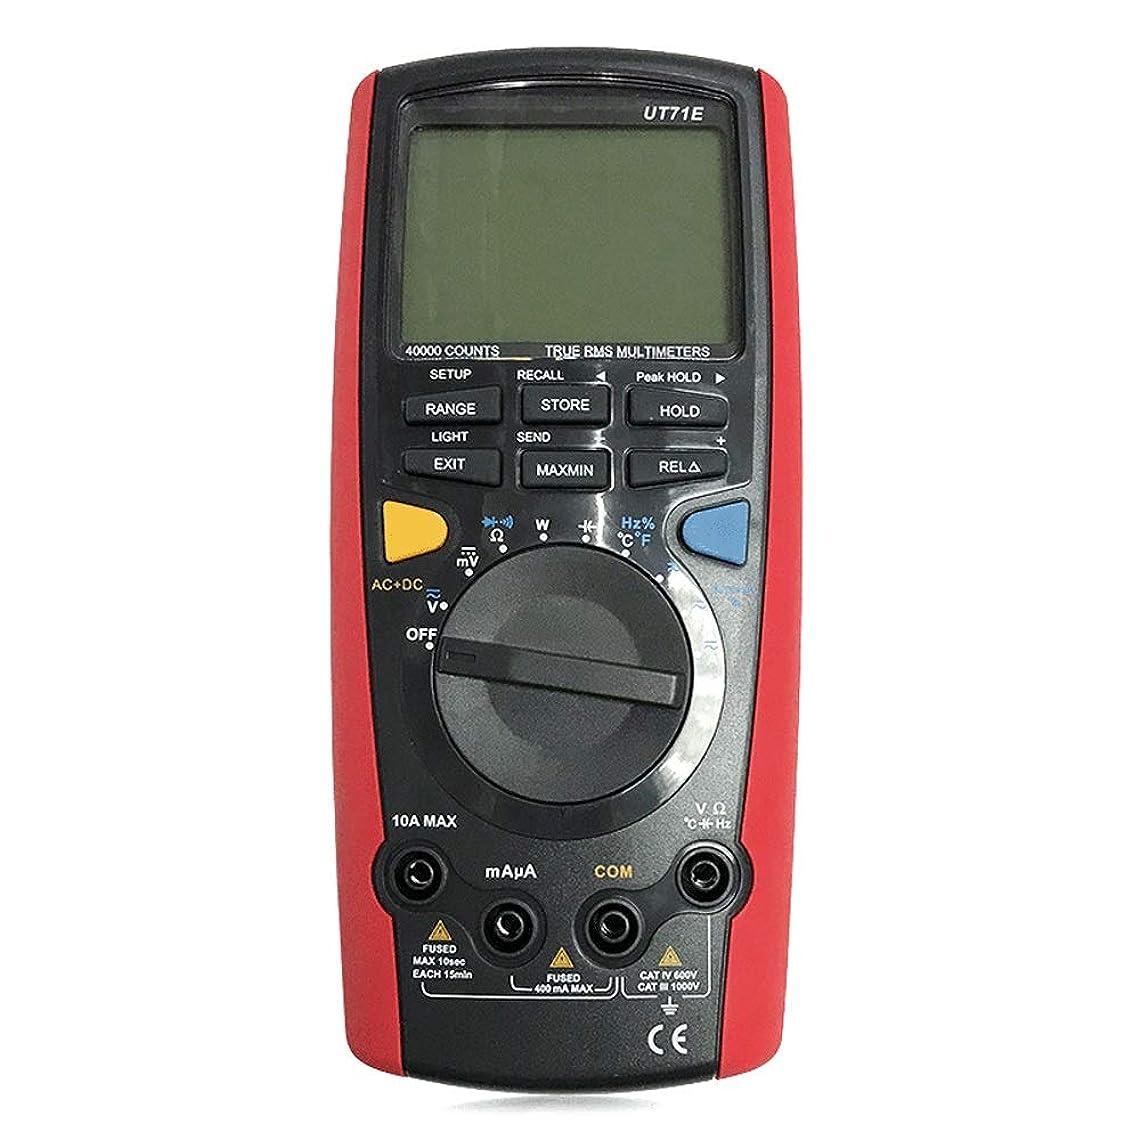 TDHHY デジタルマルティメーター デジタルマルティメーター USB Bluetooth コミュニケーション (Color : レッド, Size : UT71B)